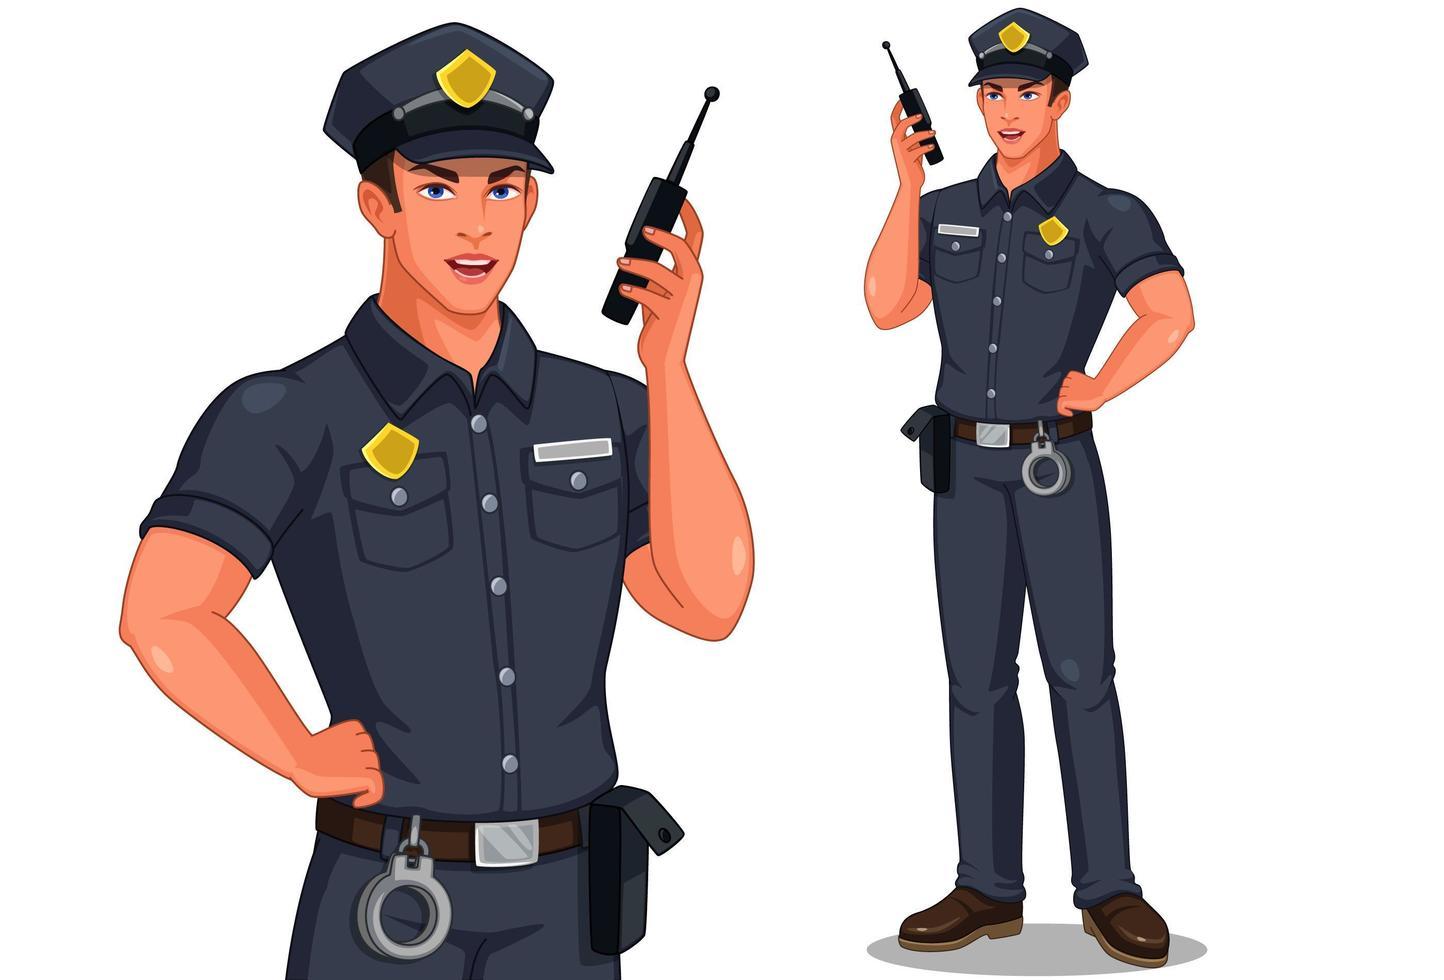 männlicher Polizist mit einem Walkie-Talkie-Radio vektor